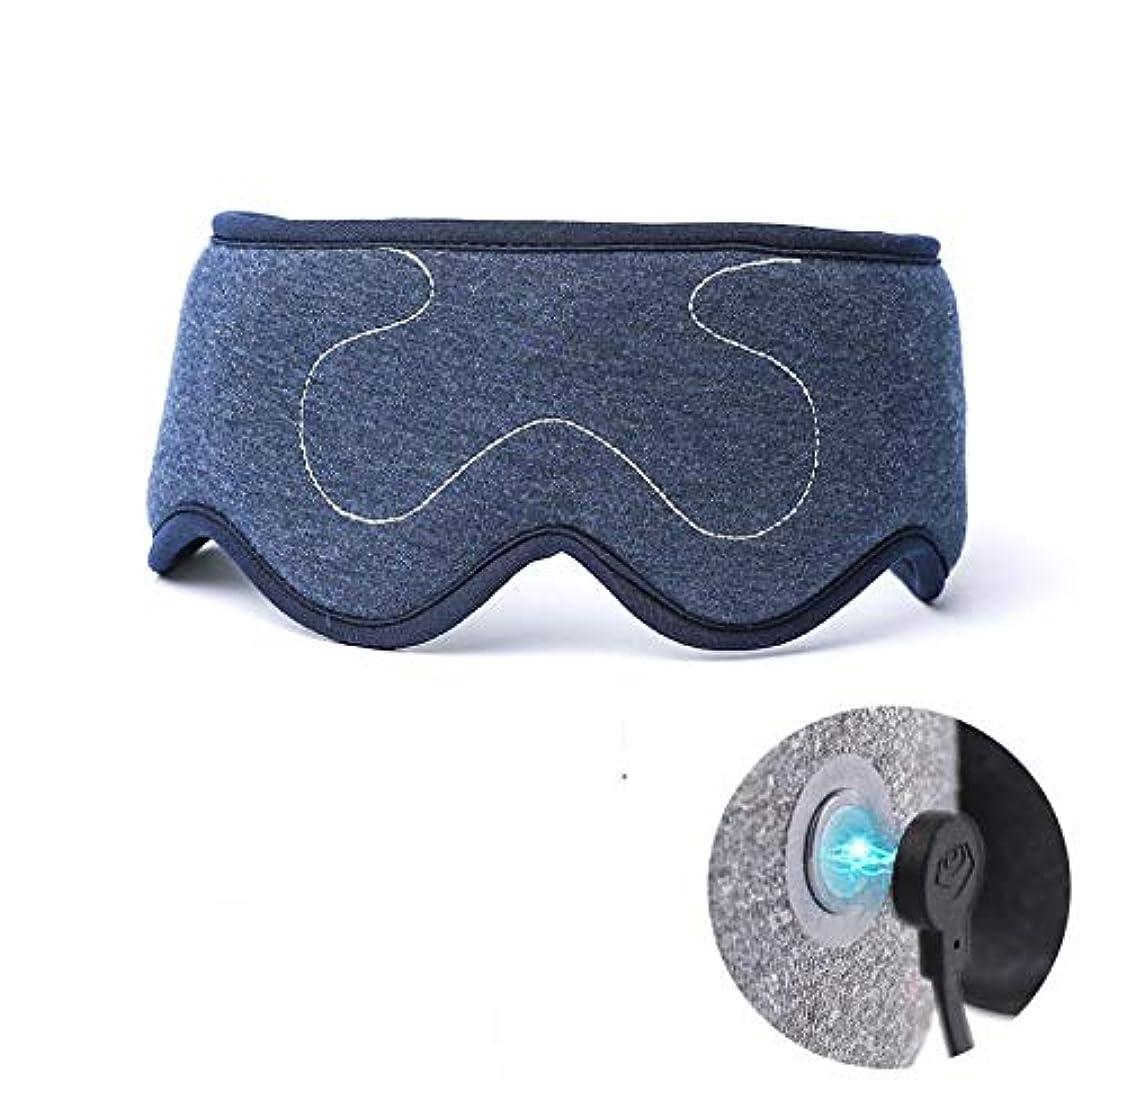 振幅リボン評価するNOTE HANRIVER 2018目の疲れを軽減するために加熱蒸気を目隠しusb加熱暖房蒸気3 d大シェーディング睡眠マスク